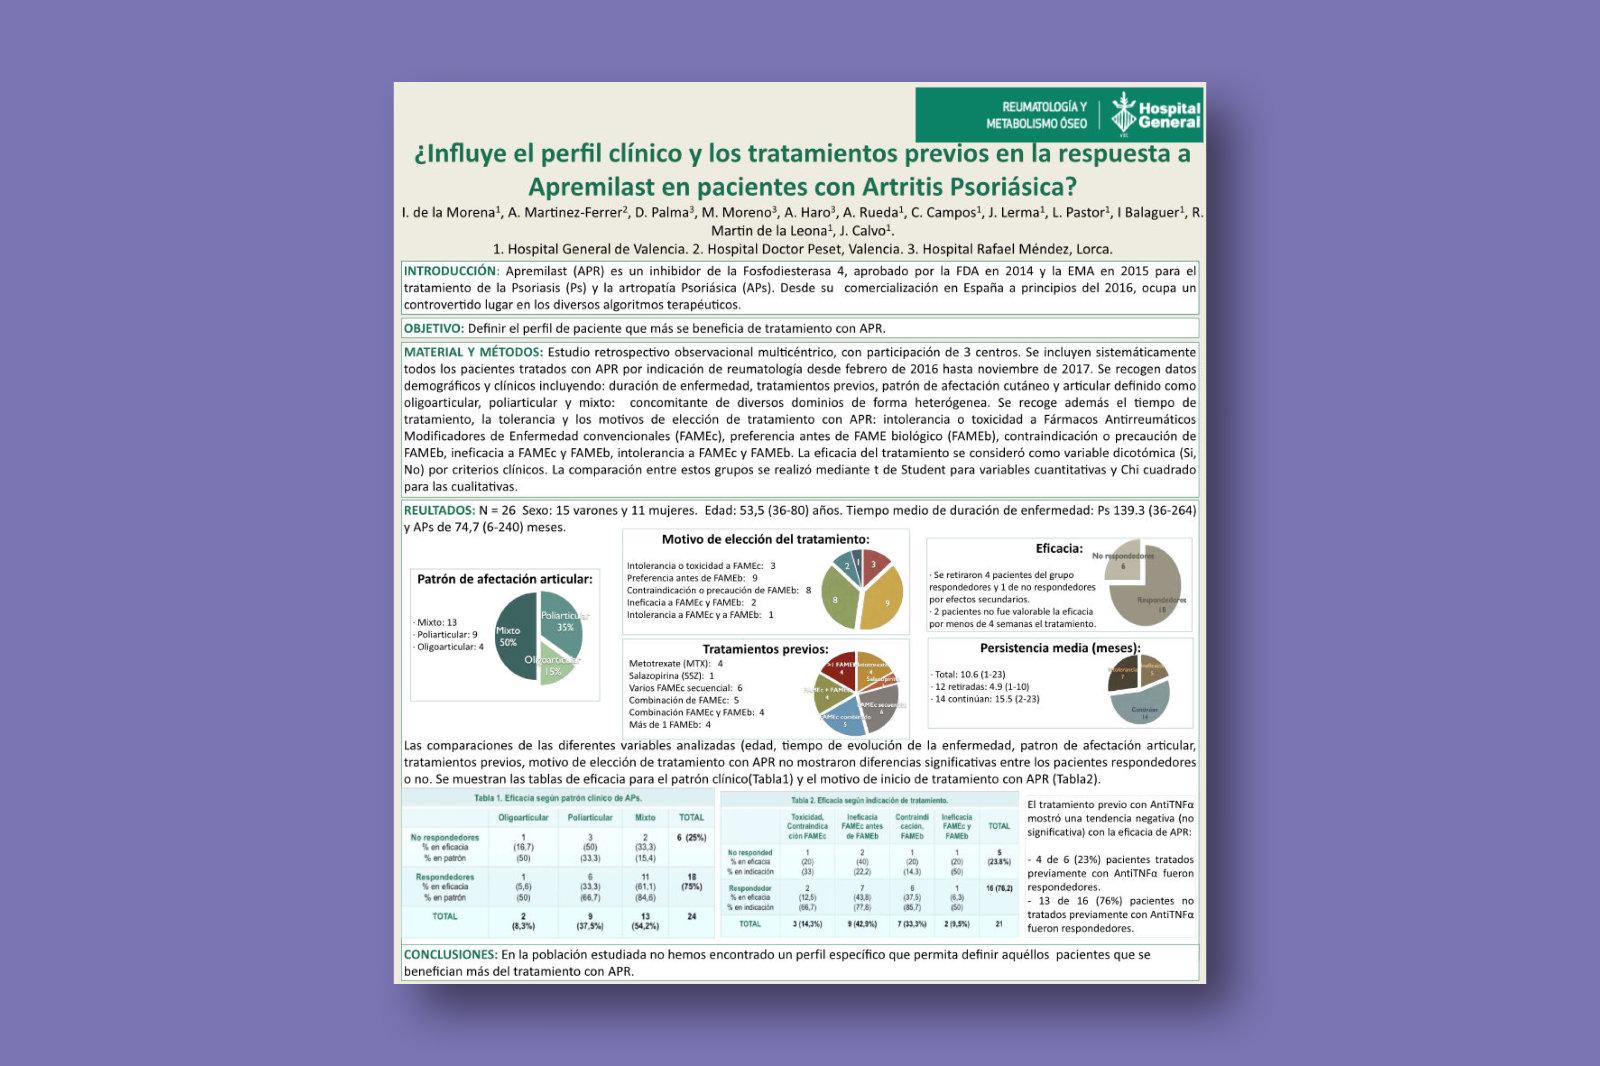 ¿Influye el perfil clínico y los tratamientos previos en la respuesta a Apremilast en pacientes con Artritis Psoriásica?